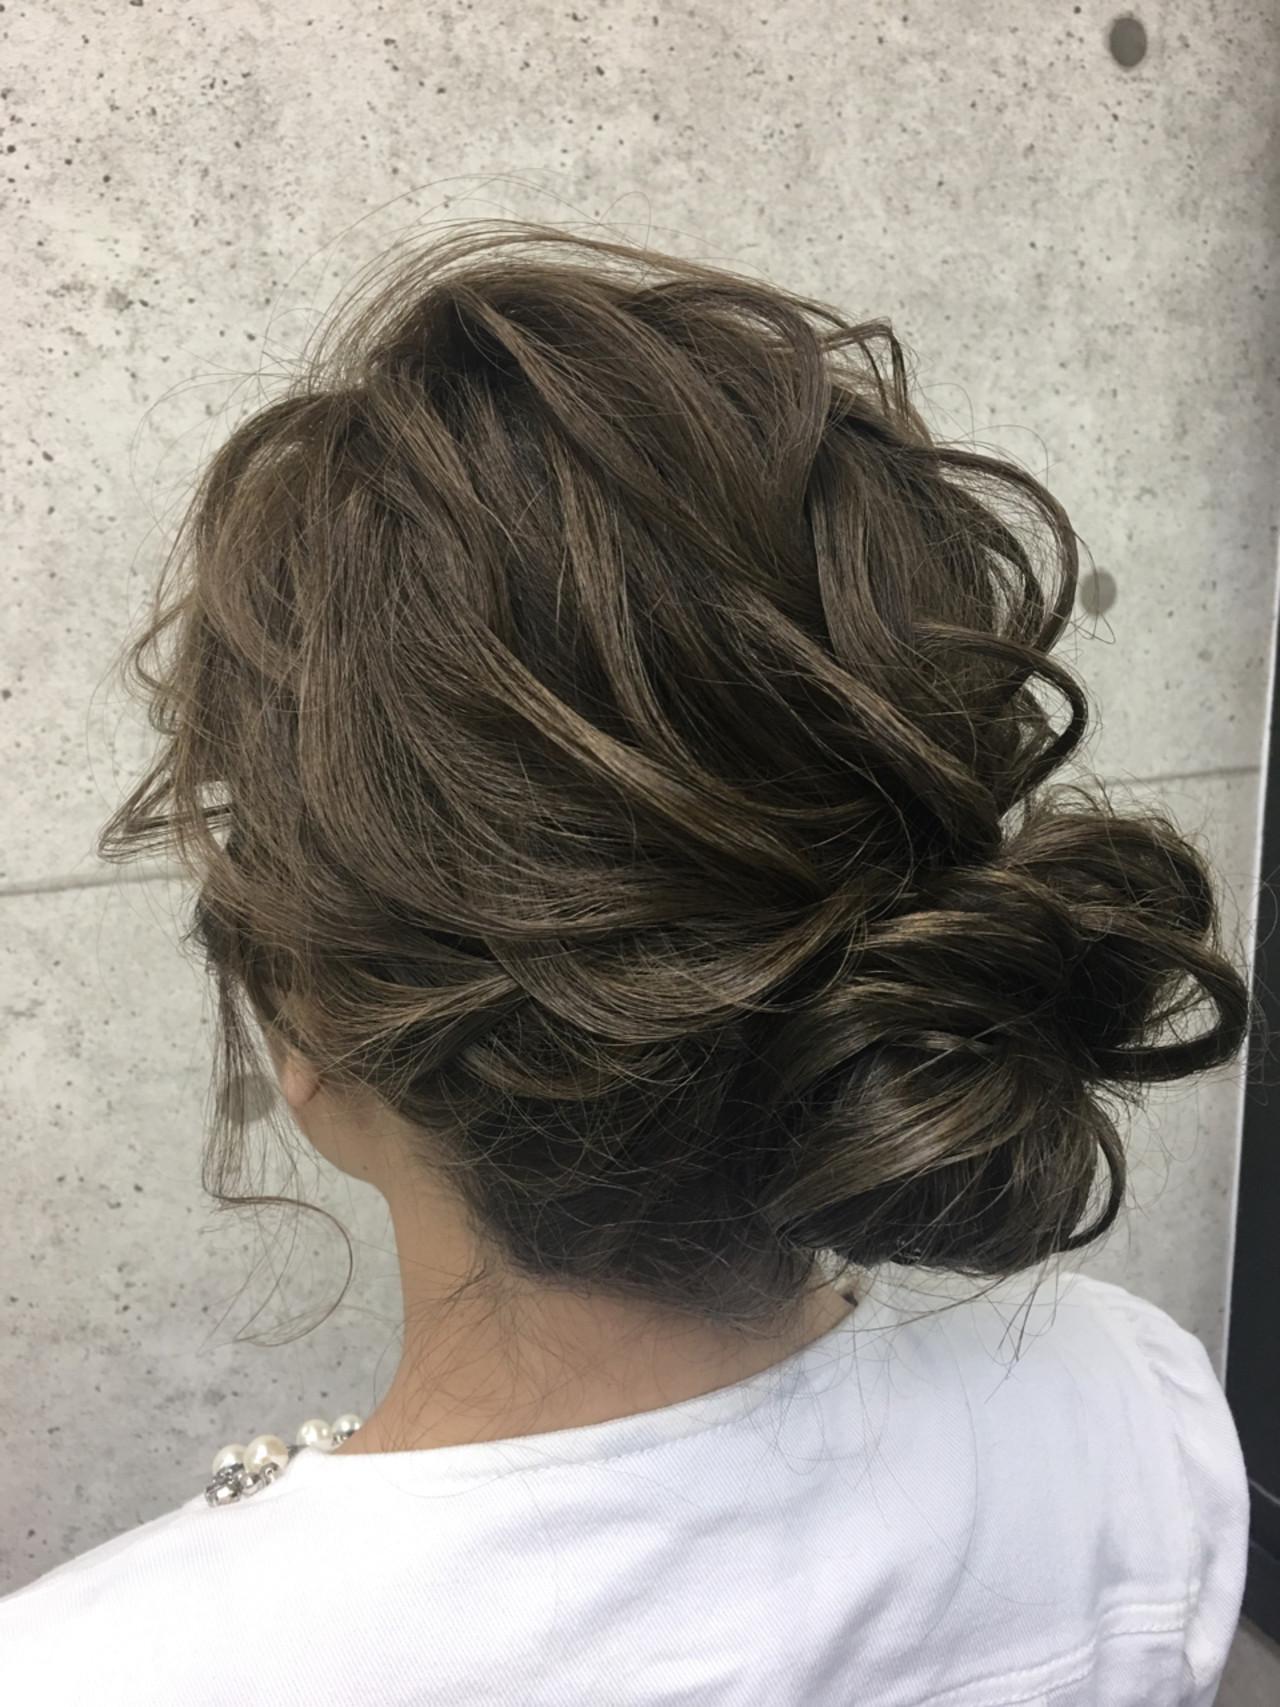 パーティ 成人式 エレガント アップスタイル ヘアスタイルや髪型の写真・画像 | シンディー(店長)/shinji / hair make salon Revier